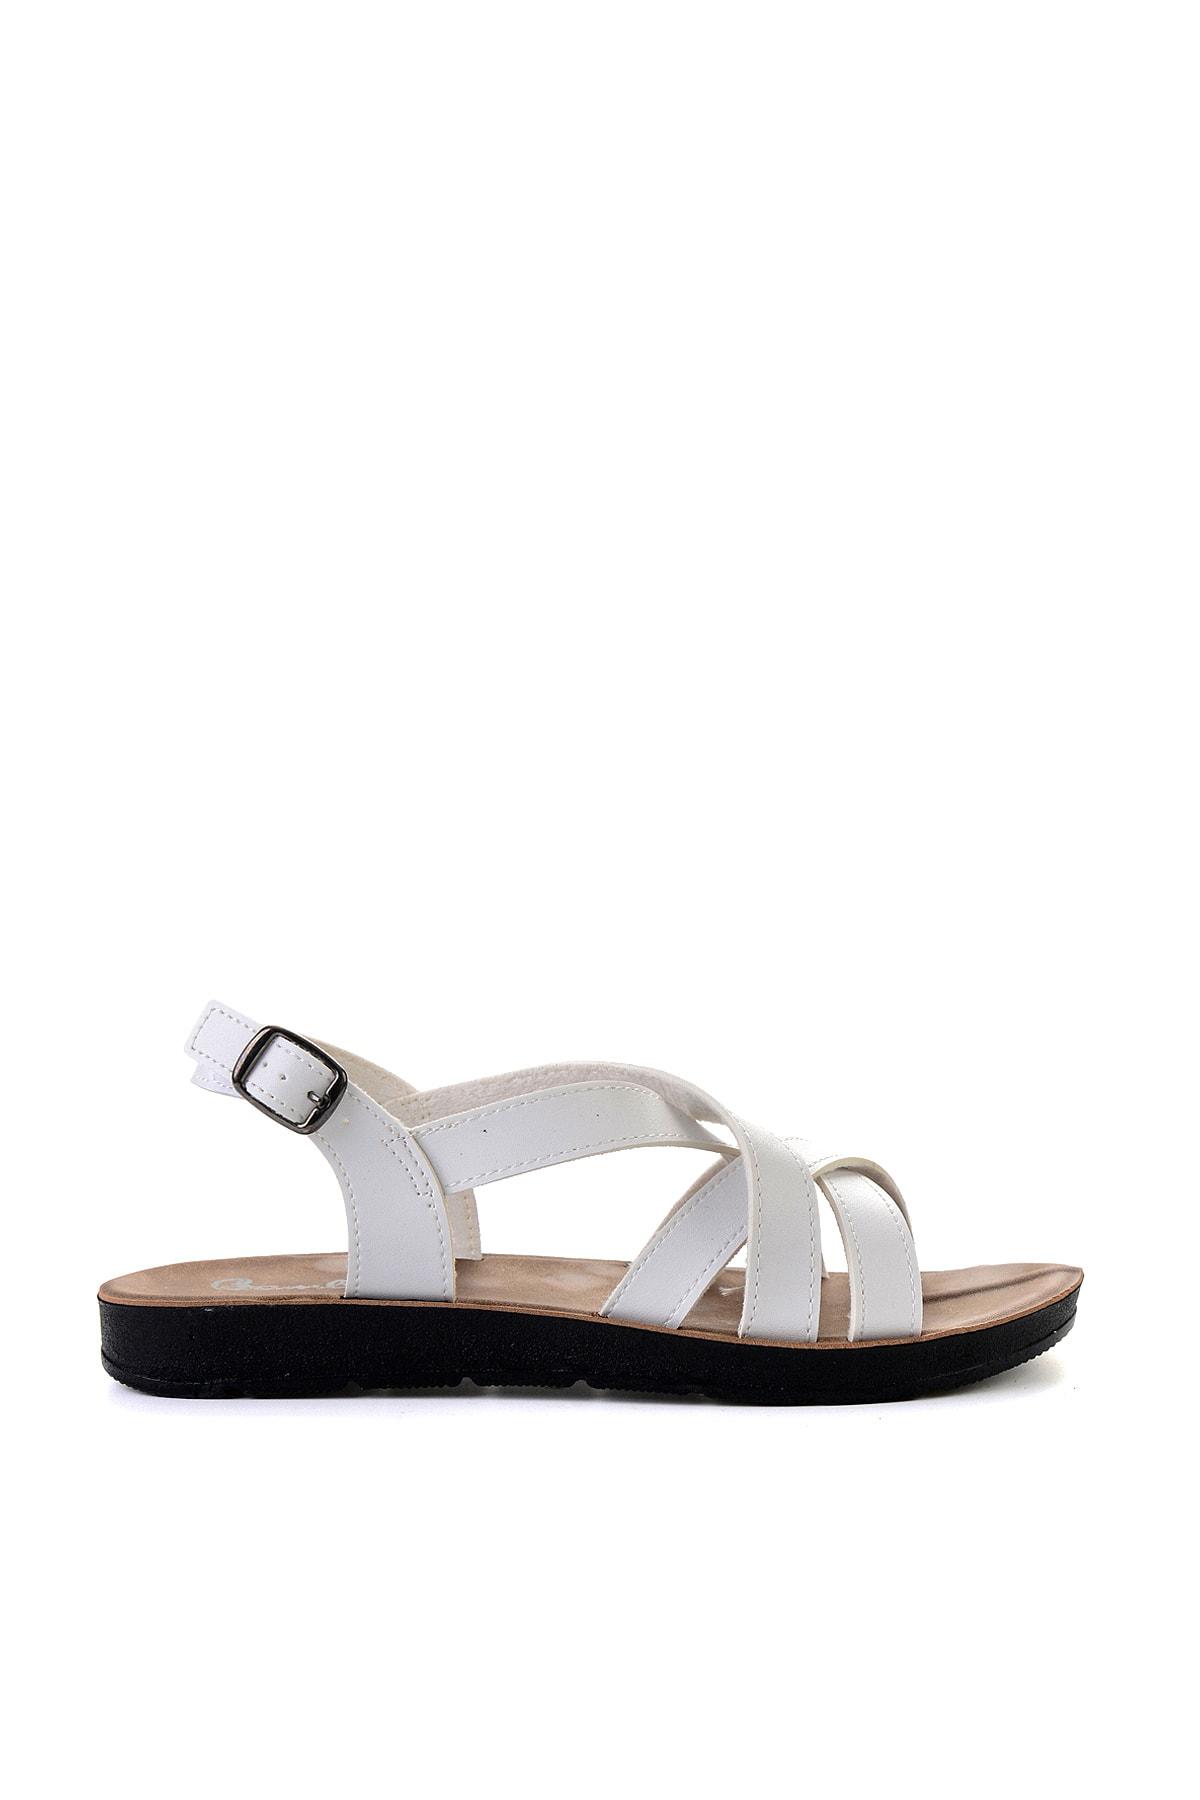 Bambi Beyaz Kadın Sandalet L0642111209 2